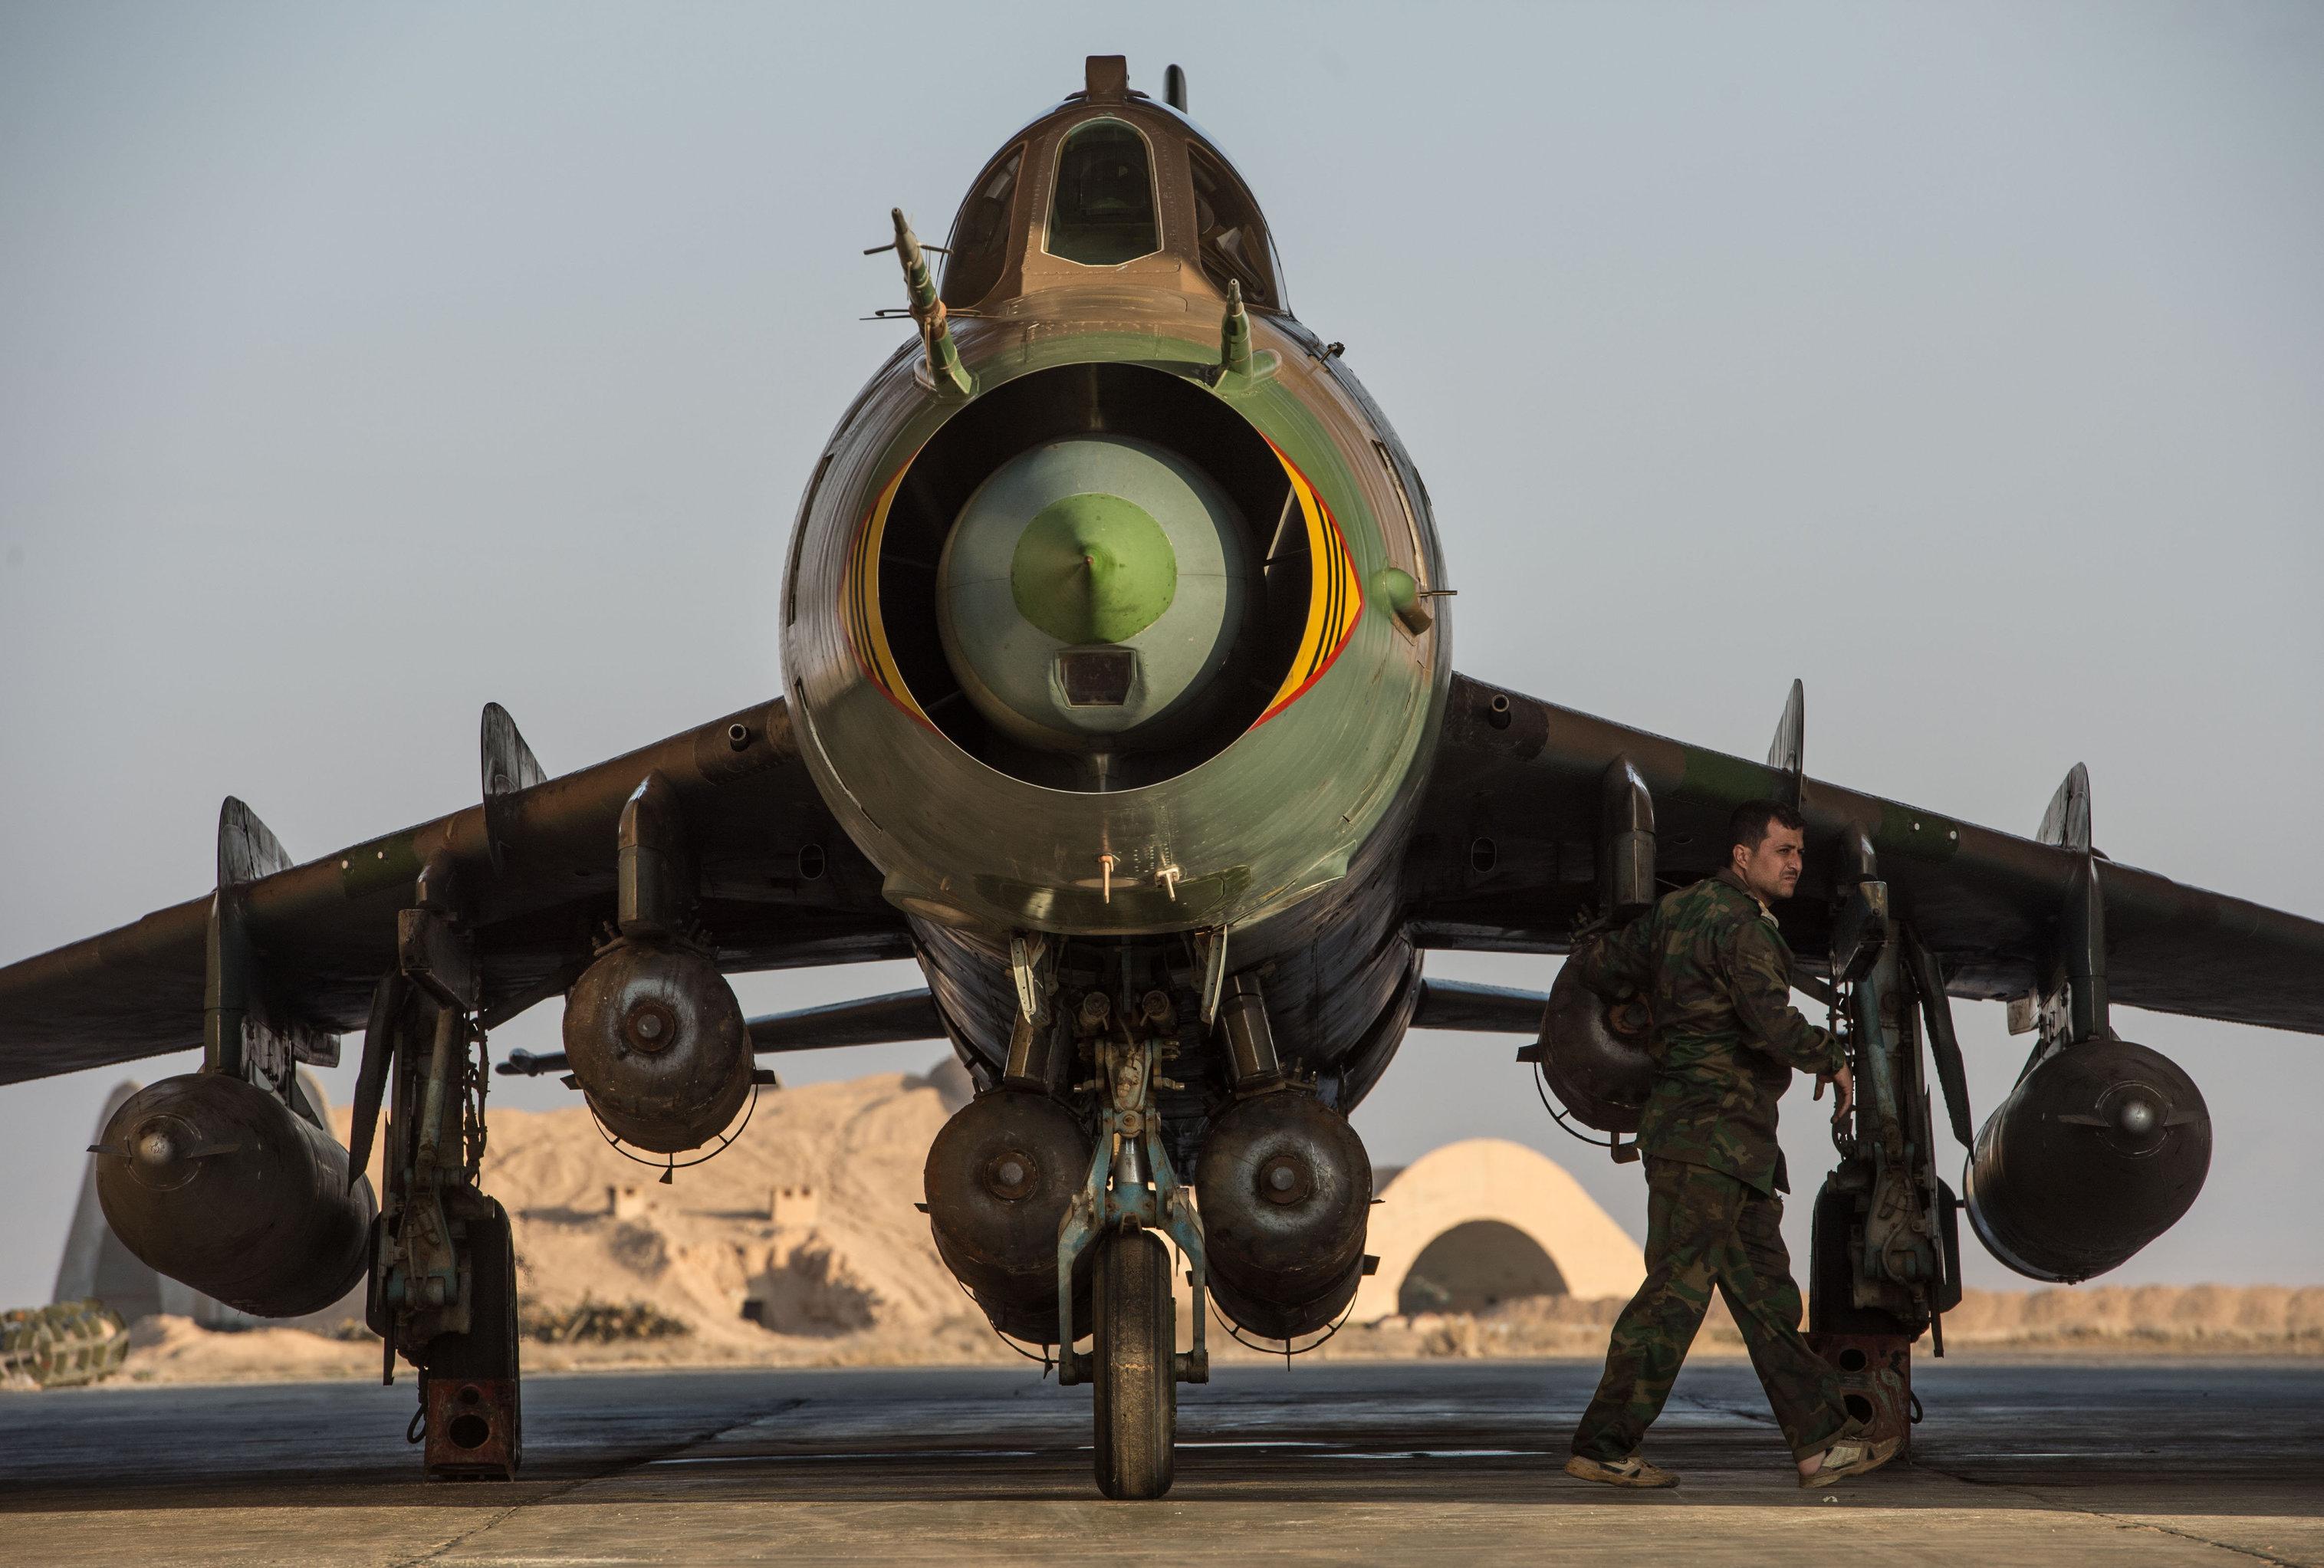 Halep'te düşürülen uçağın pilotu El Nusra'nın elinde